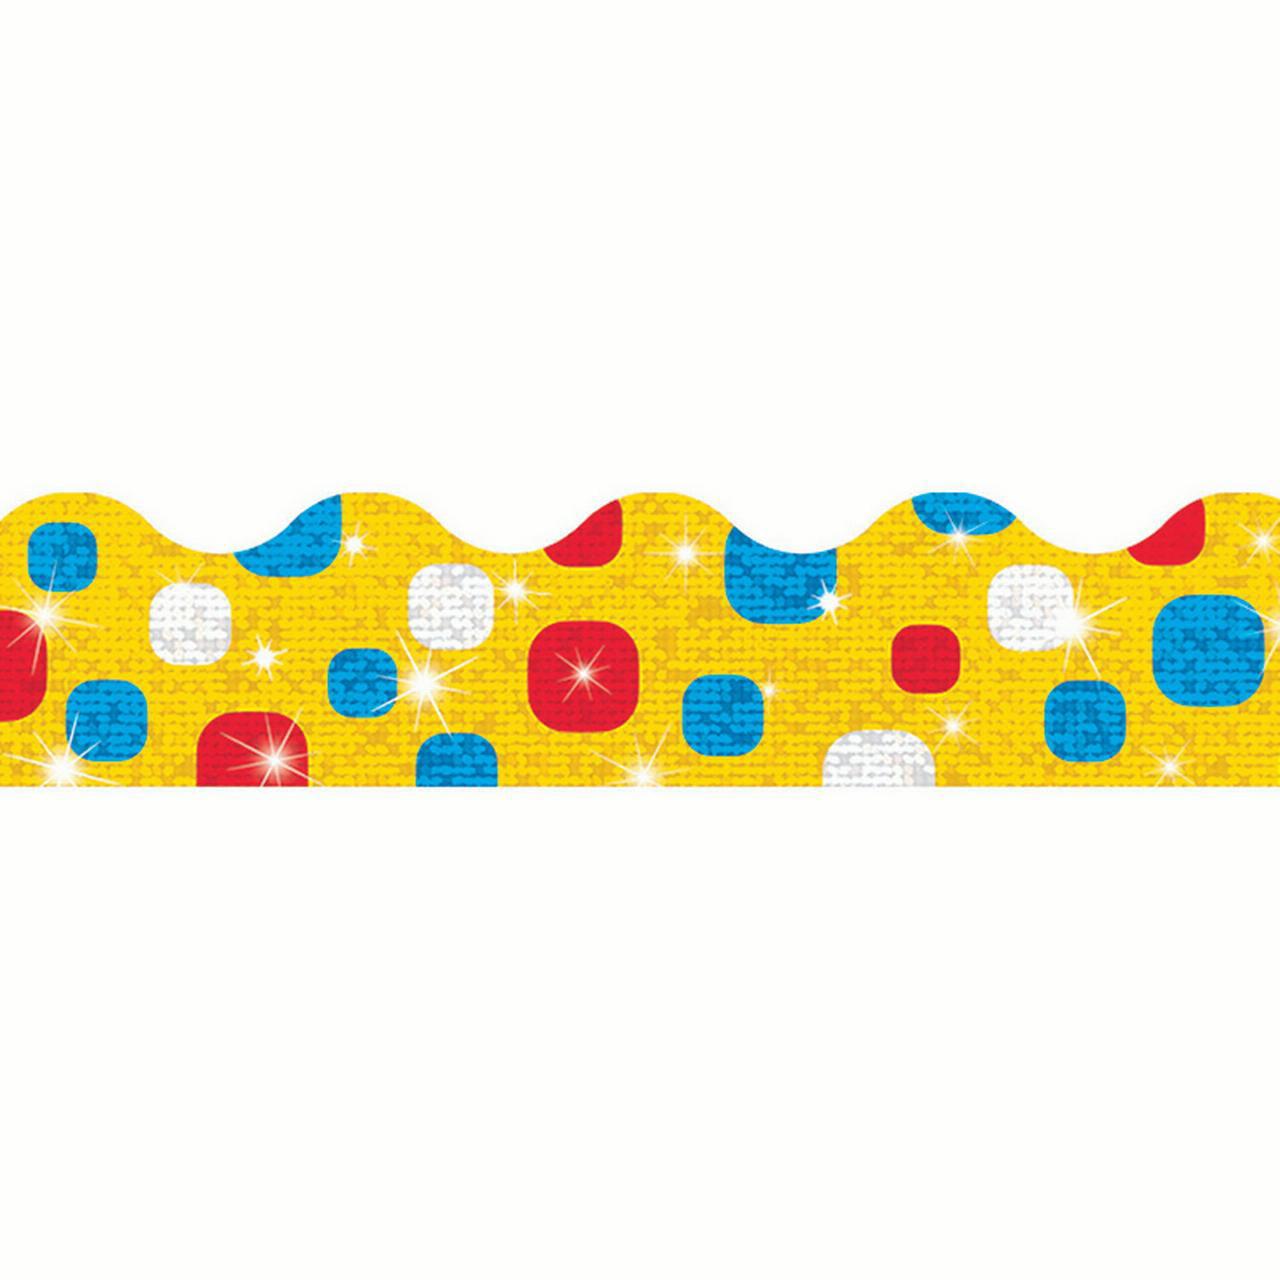 Trend Enterprises 2.25 x 32.5 Inch Terrific Trimmers New Wave, 10 Count - Super Duper Dots Colorful Sunshine Sparkle